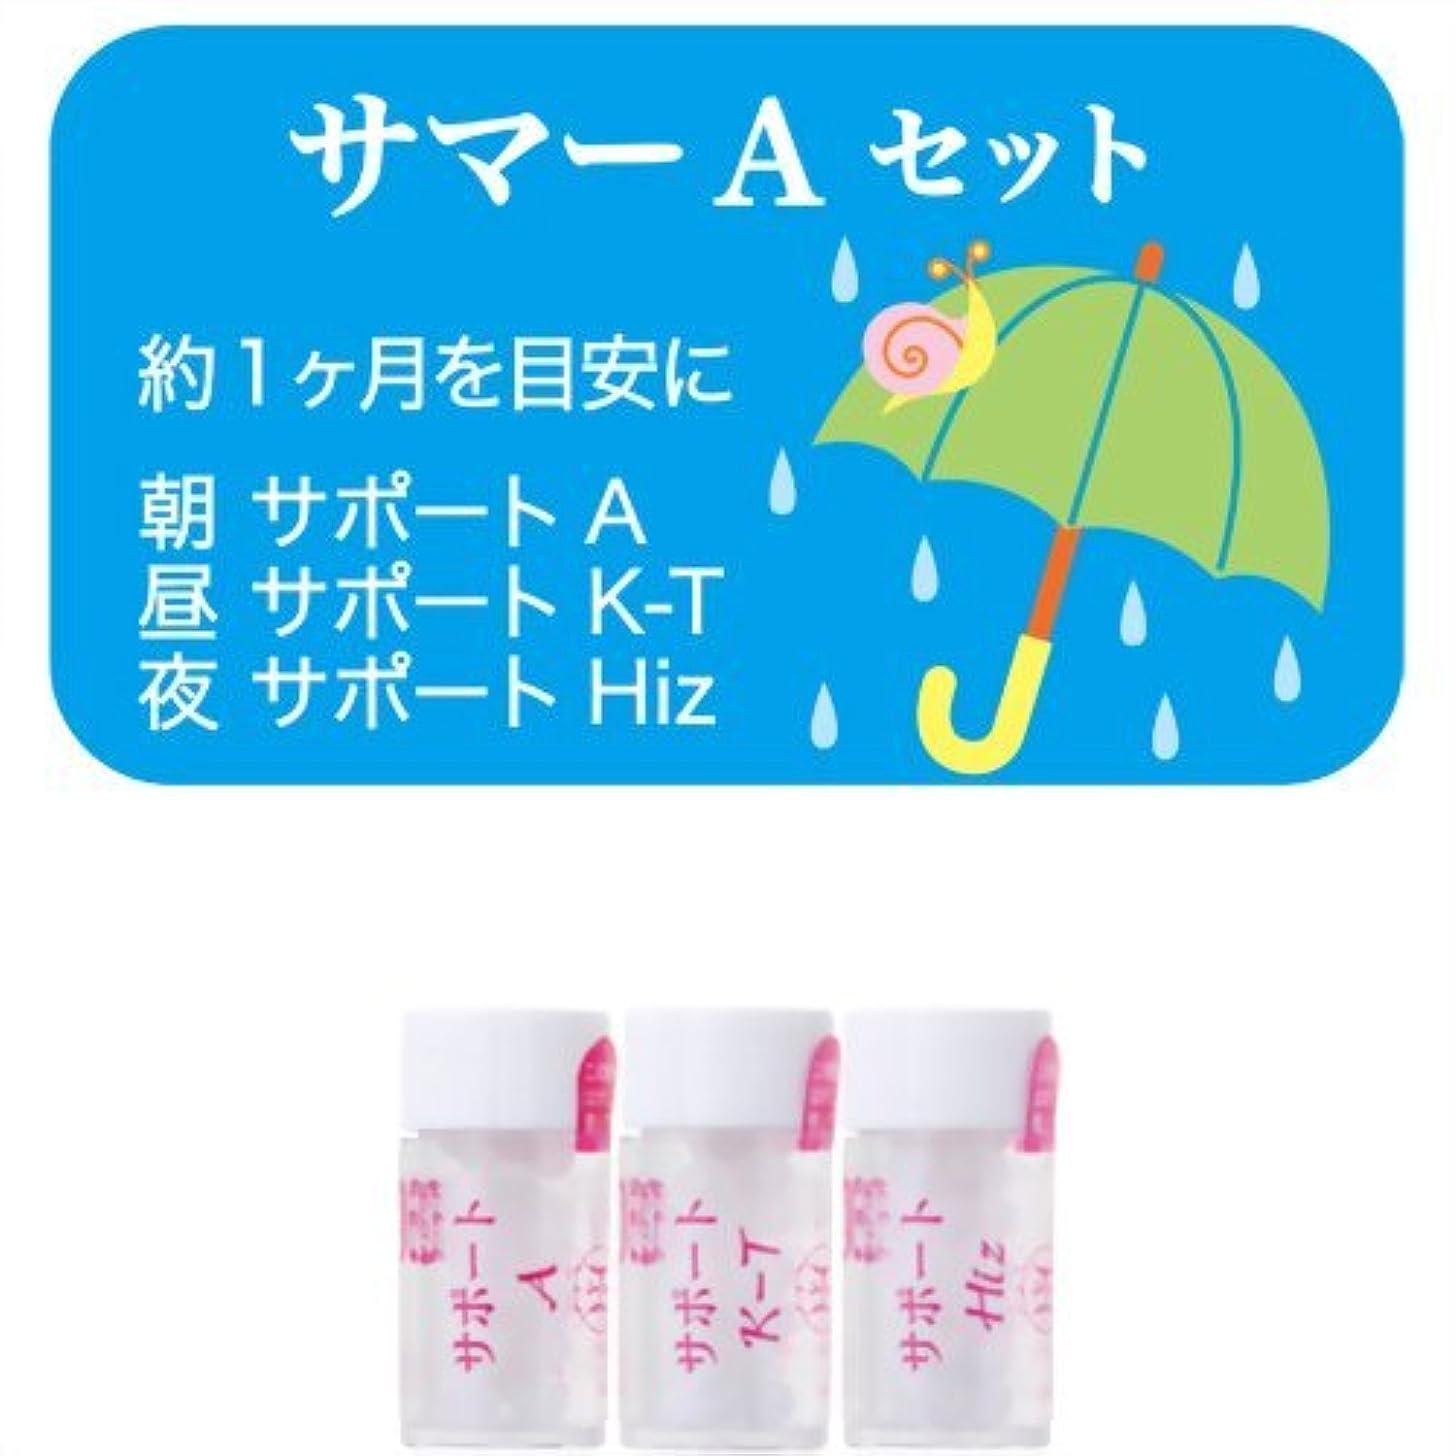 簡略化するマイク少ないホメオパシージャパンレメディー サマーAセット